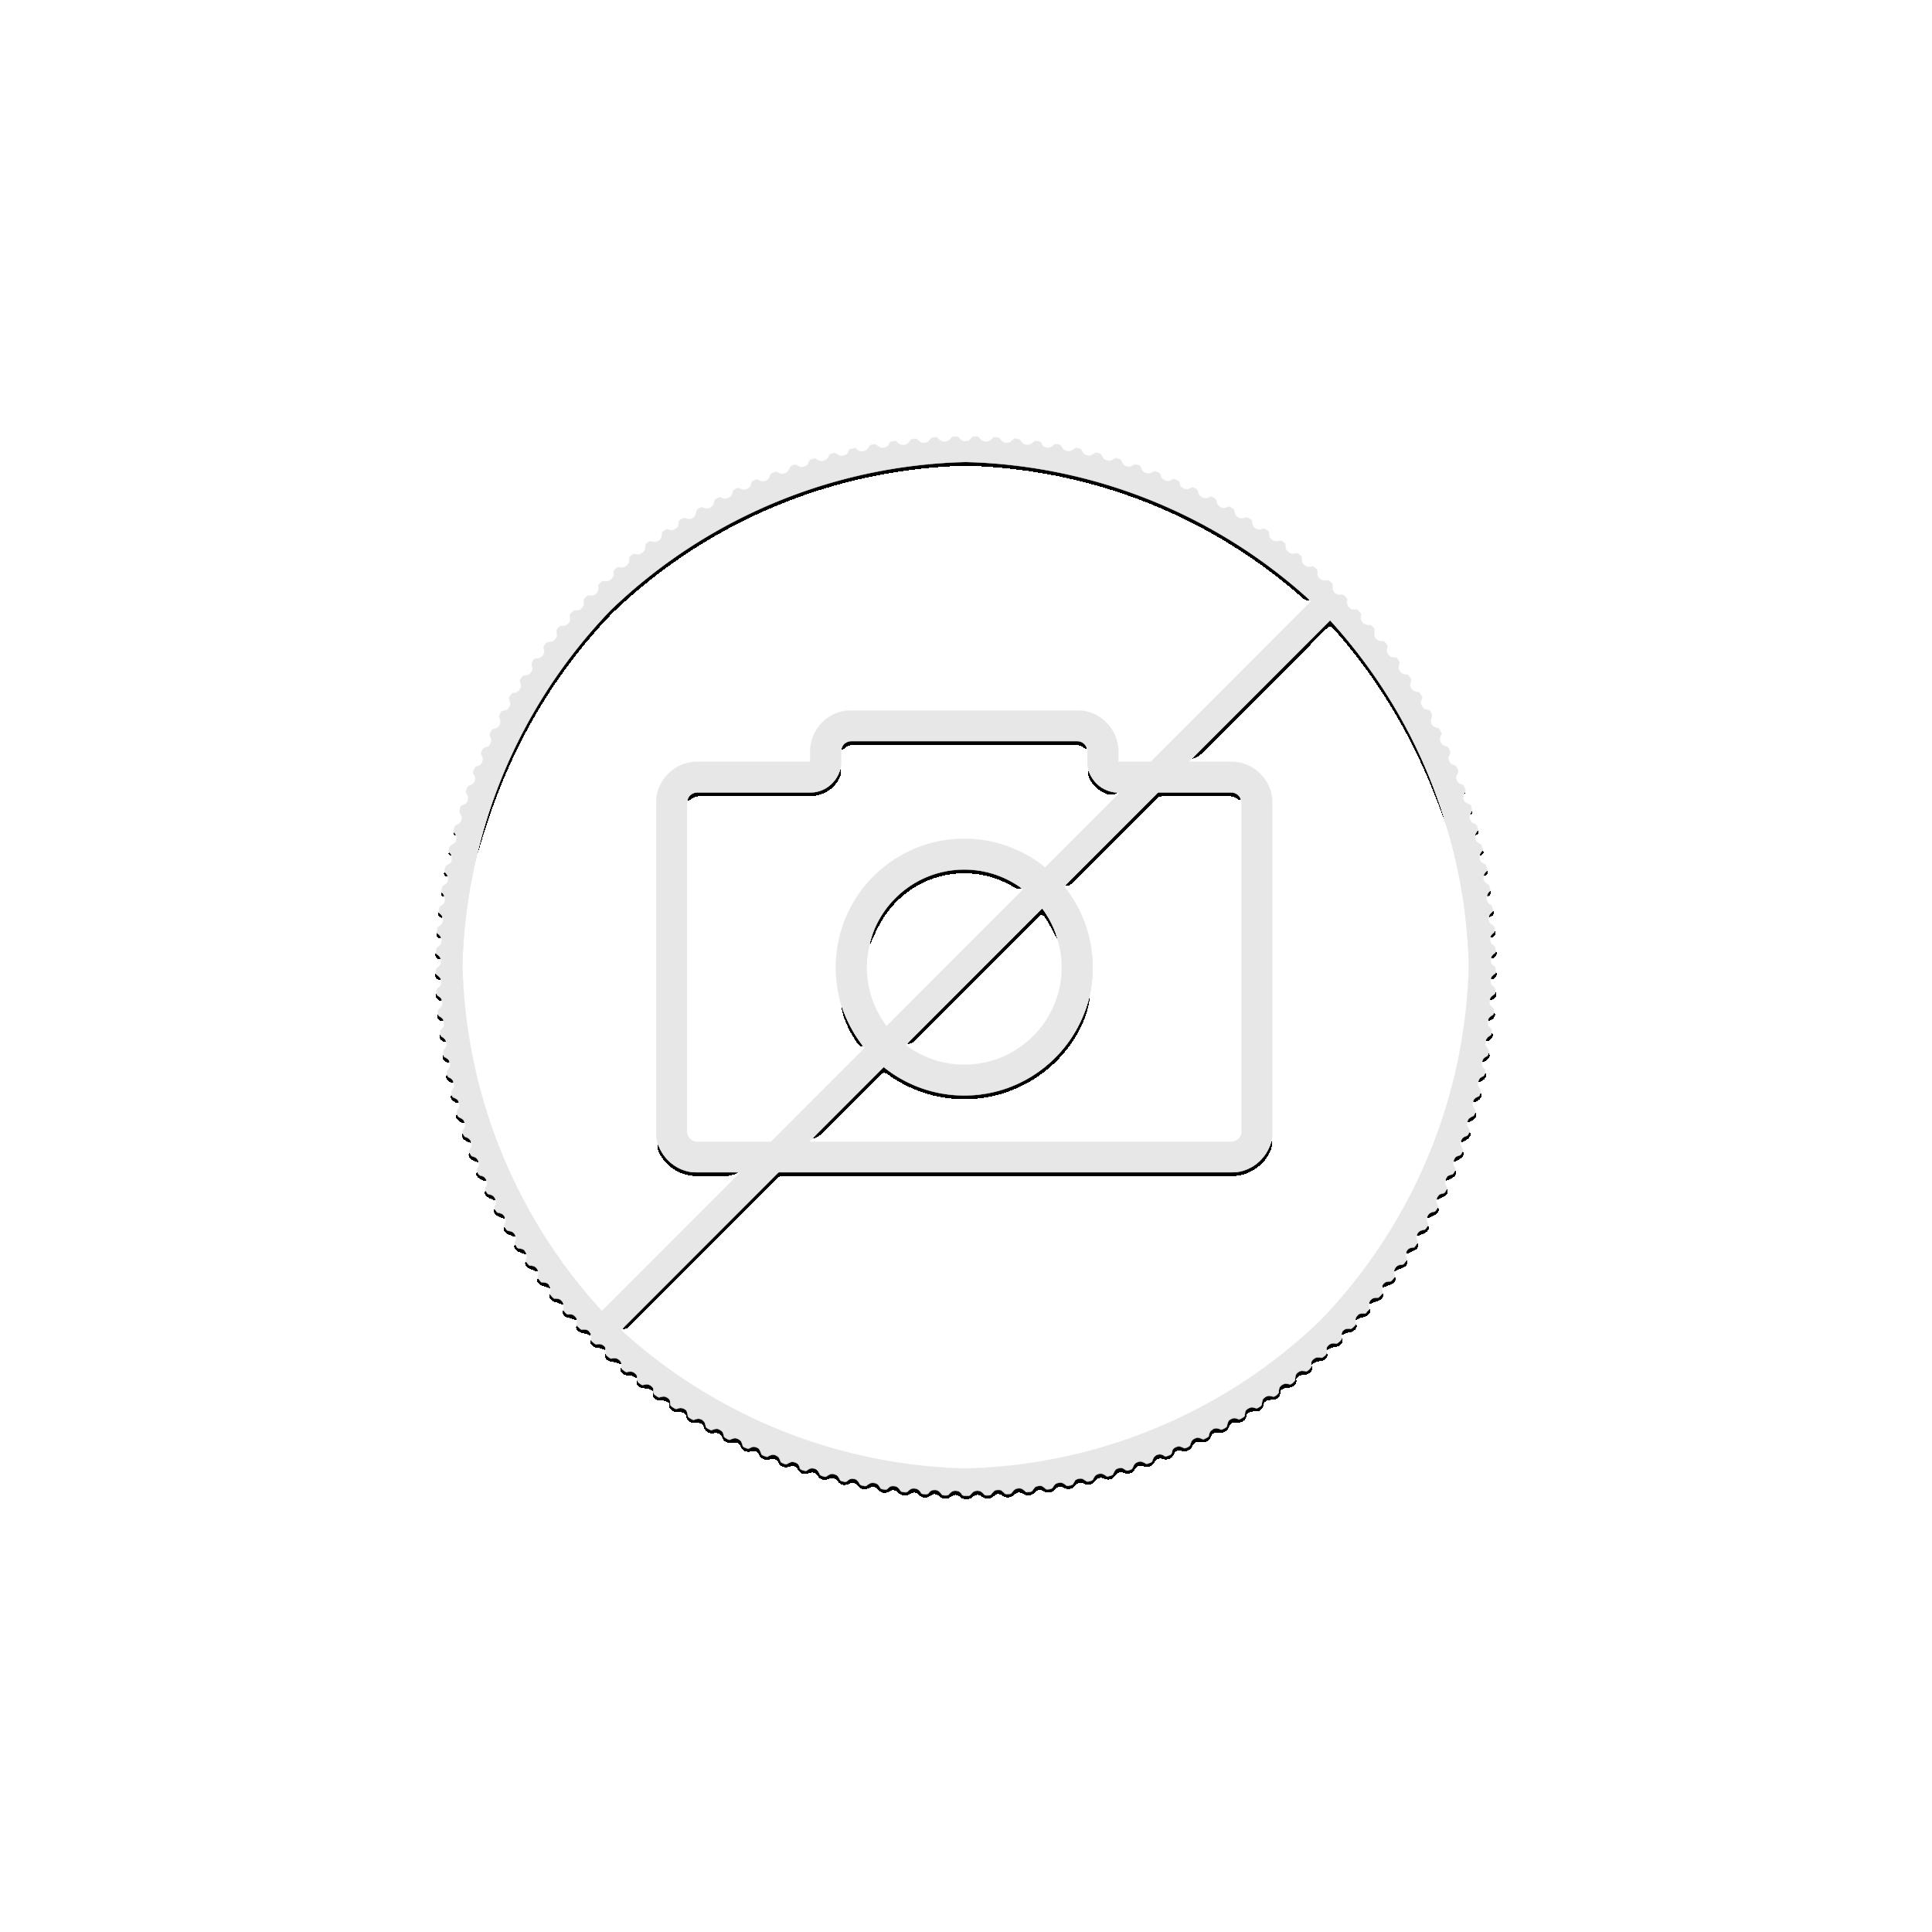 1 Troy ounce zilveren munt Glowing Galaxy Maple Leaf 2019